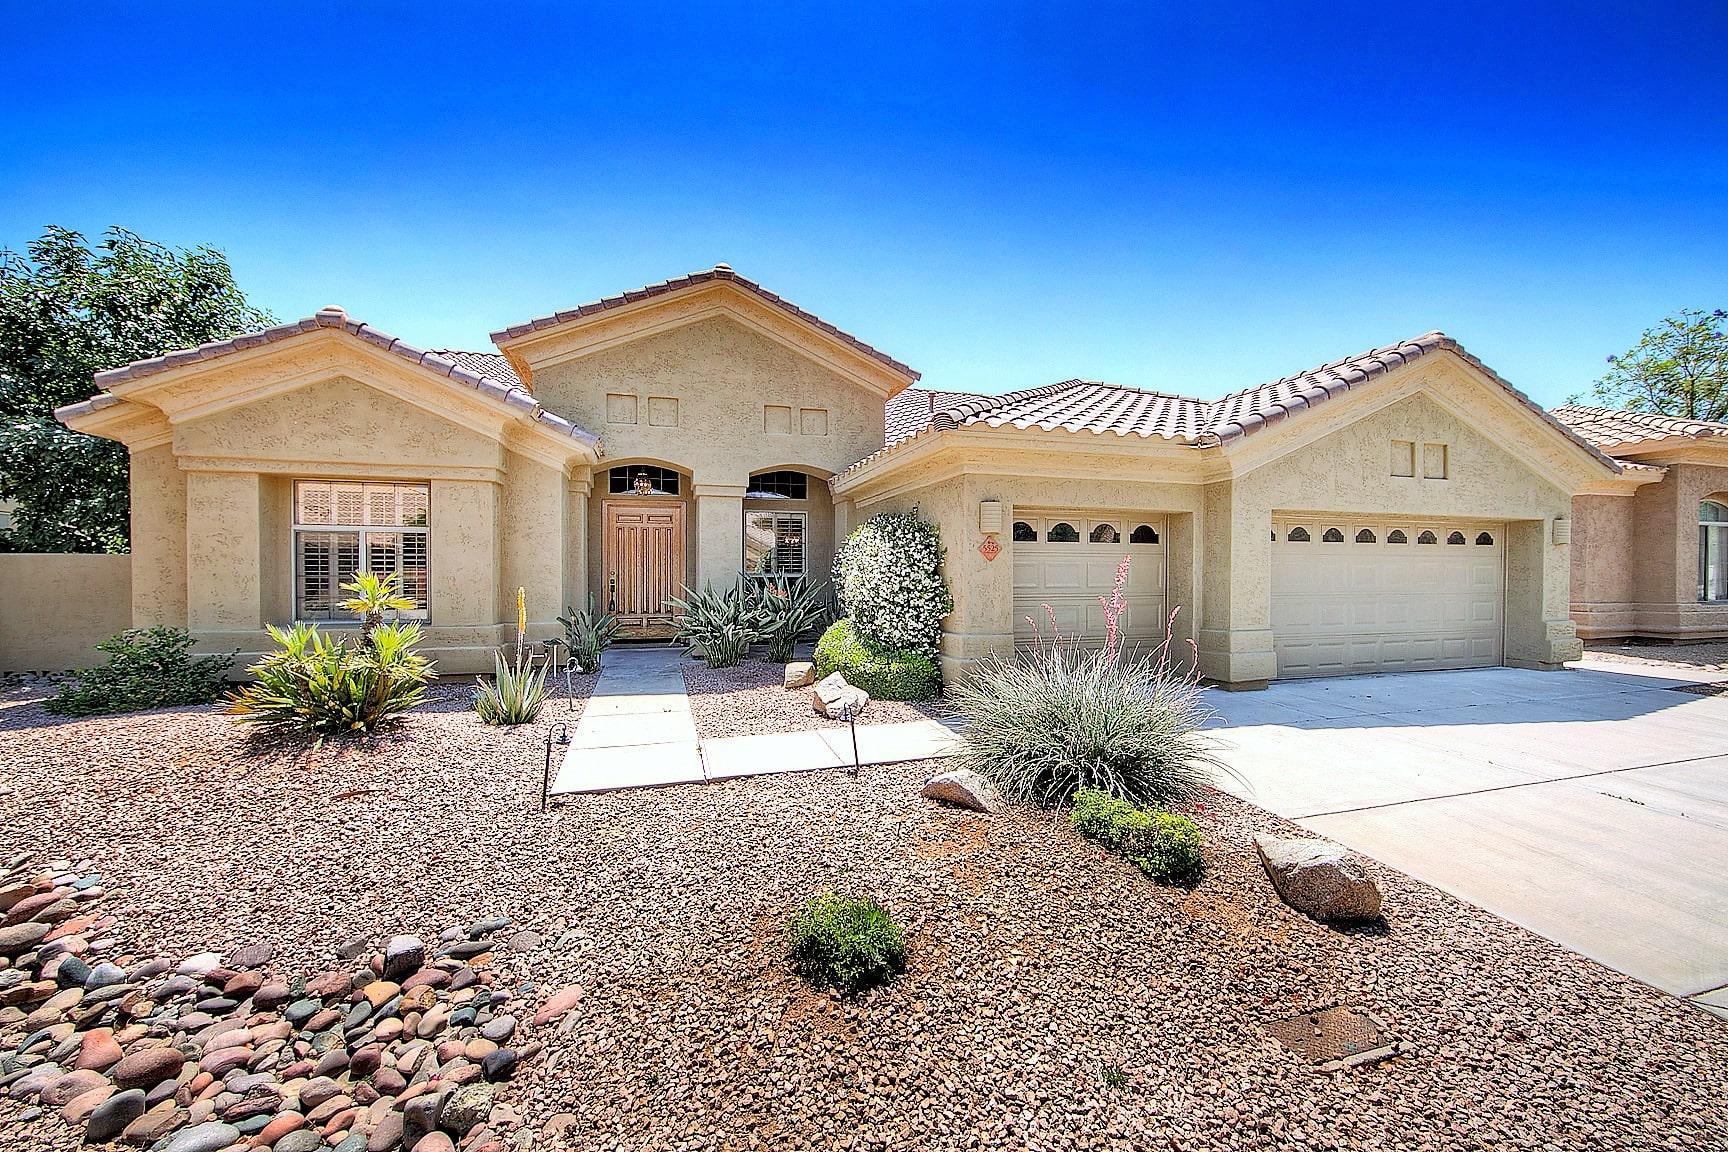 Scottsdale-homes-For-Sale-min.jpg